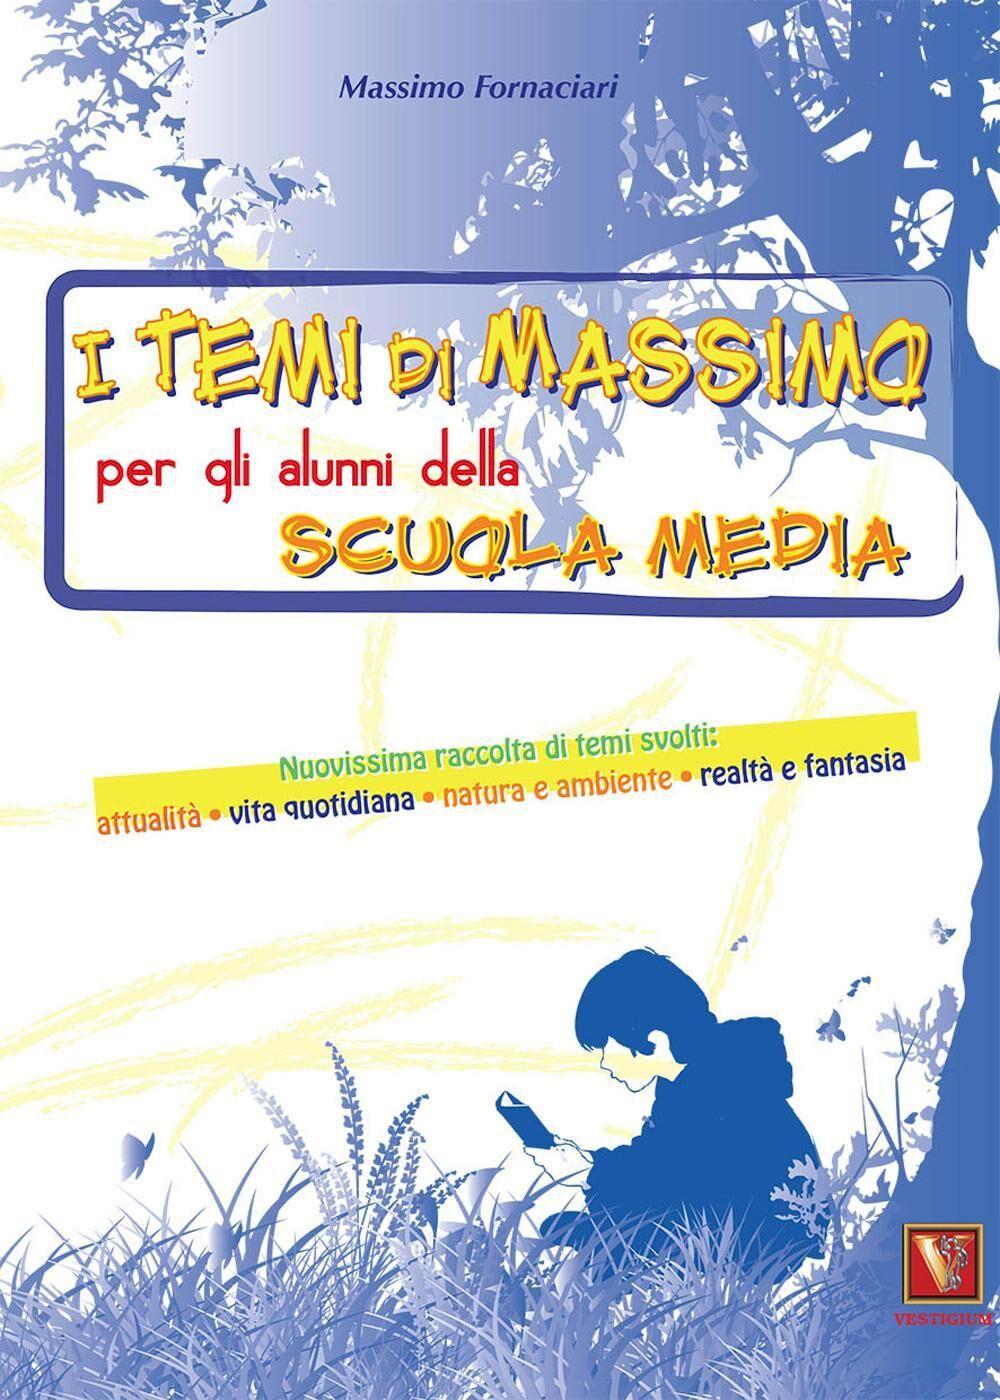 I temi di Massimo. Per gli alunni della scuola media. Nuovissima raccolta di temi svolti: attualità, vita quotidiana, natura e ambiente, realtà e fantasia